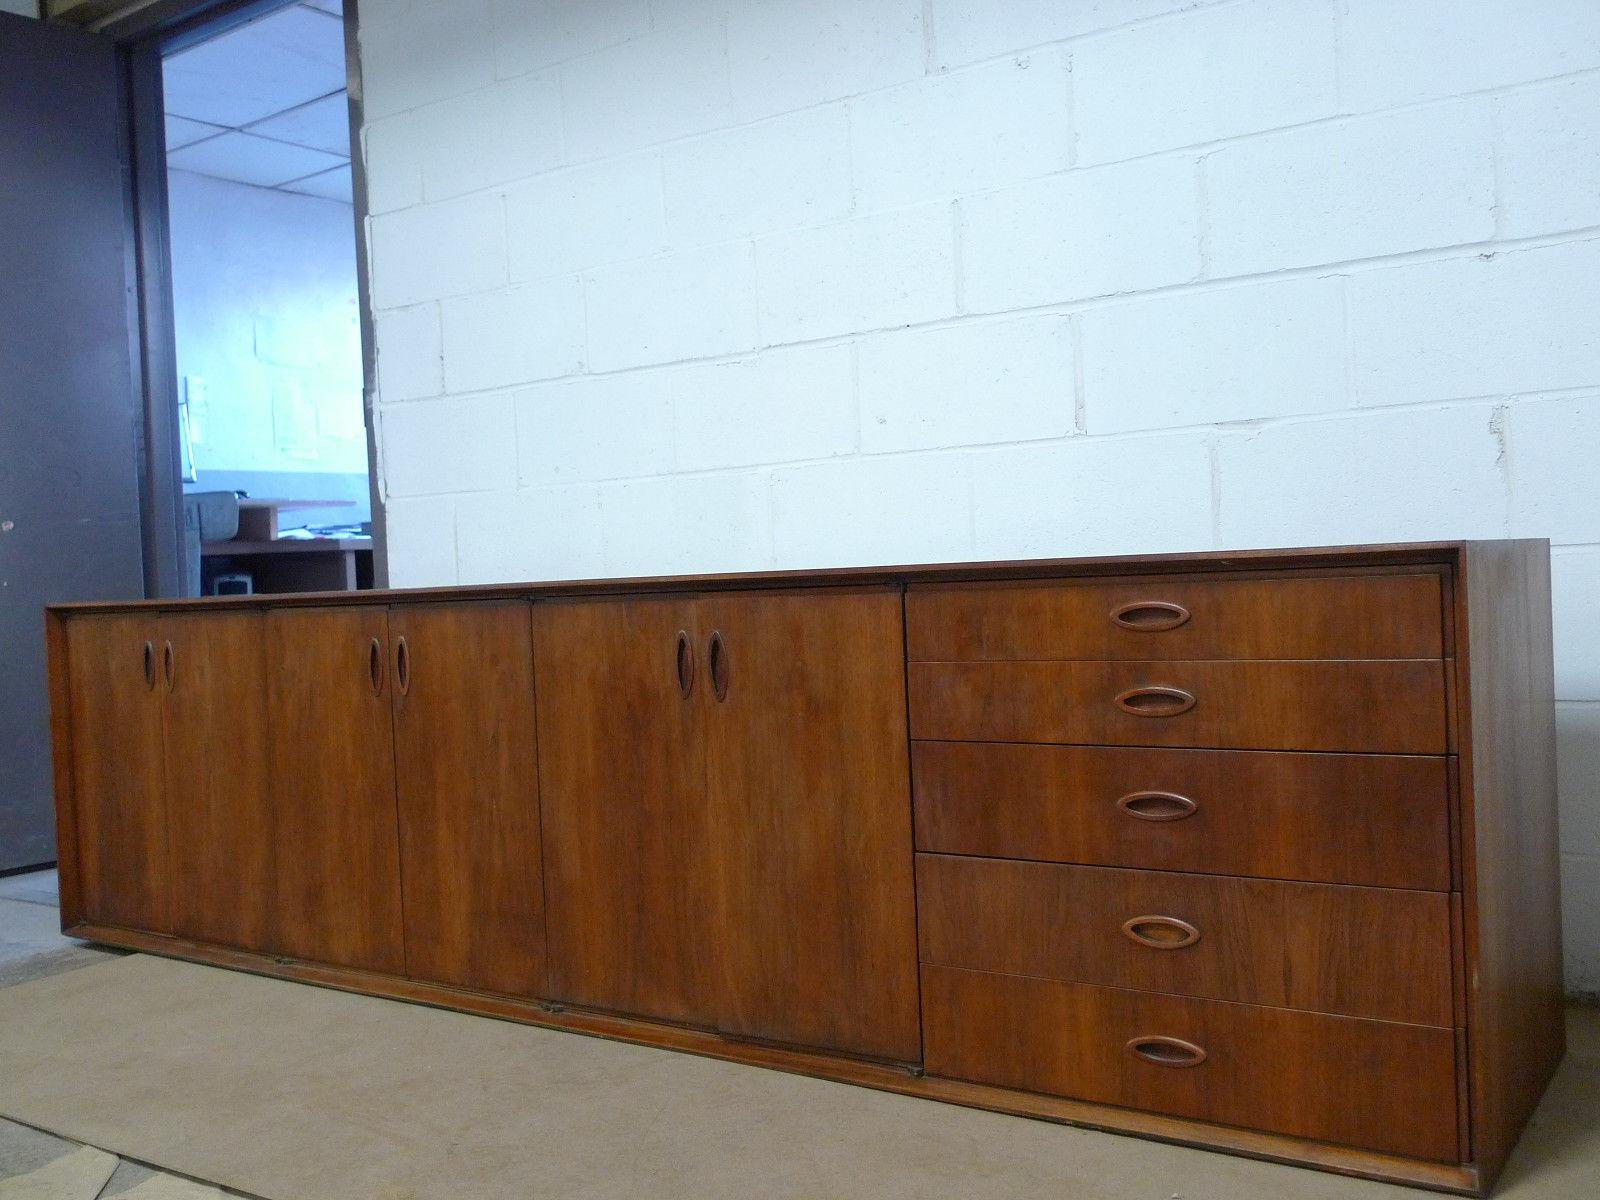 Designer Furniture Sale: Mid Century Modern Walnut Credenza Cabinet Sideboard Mid